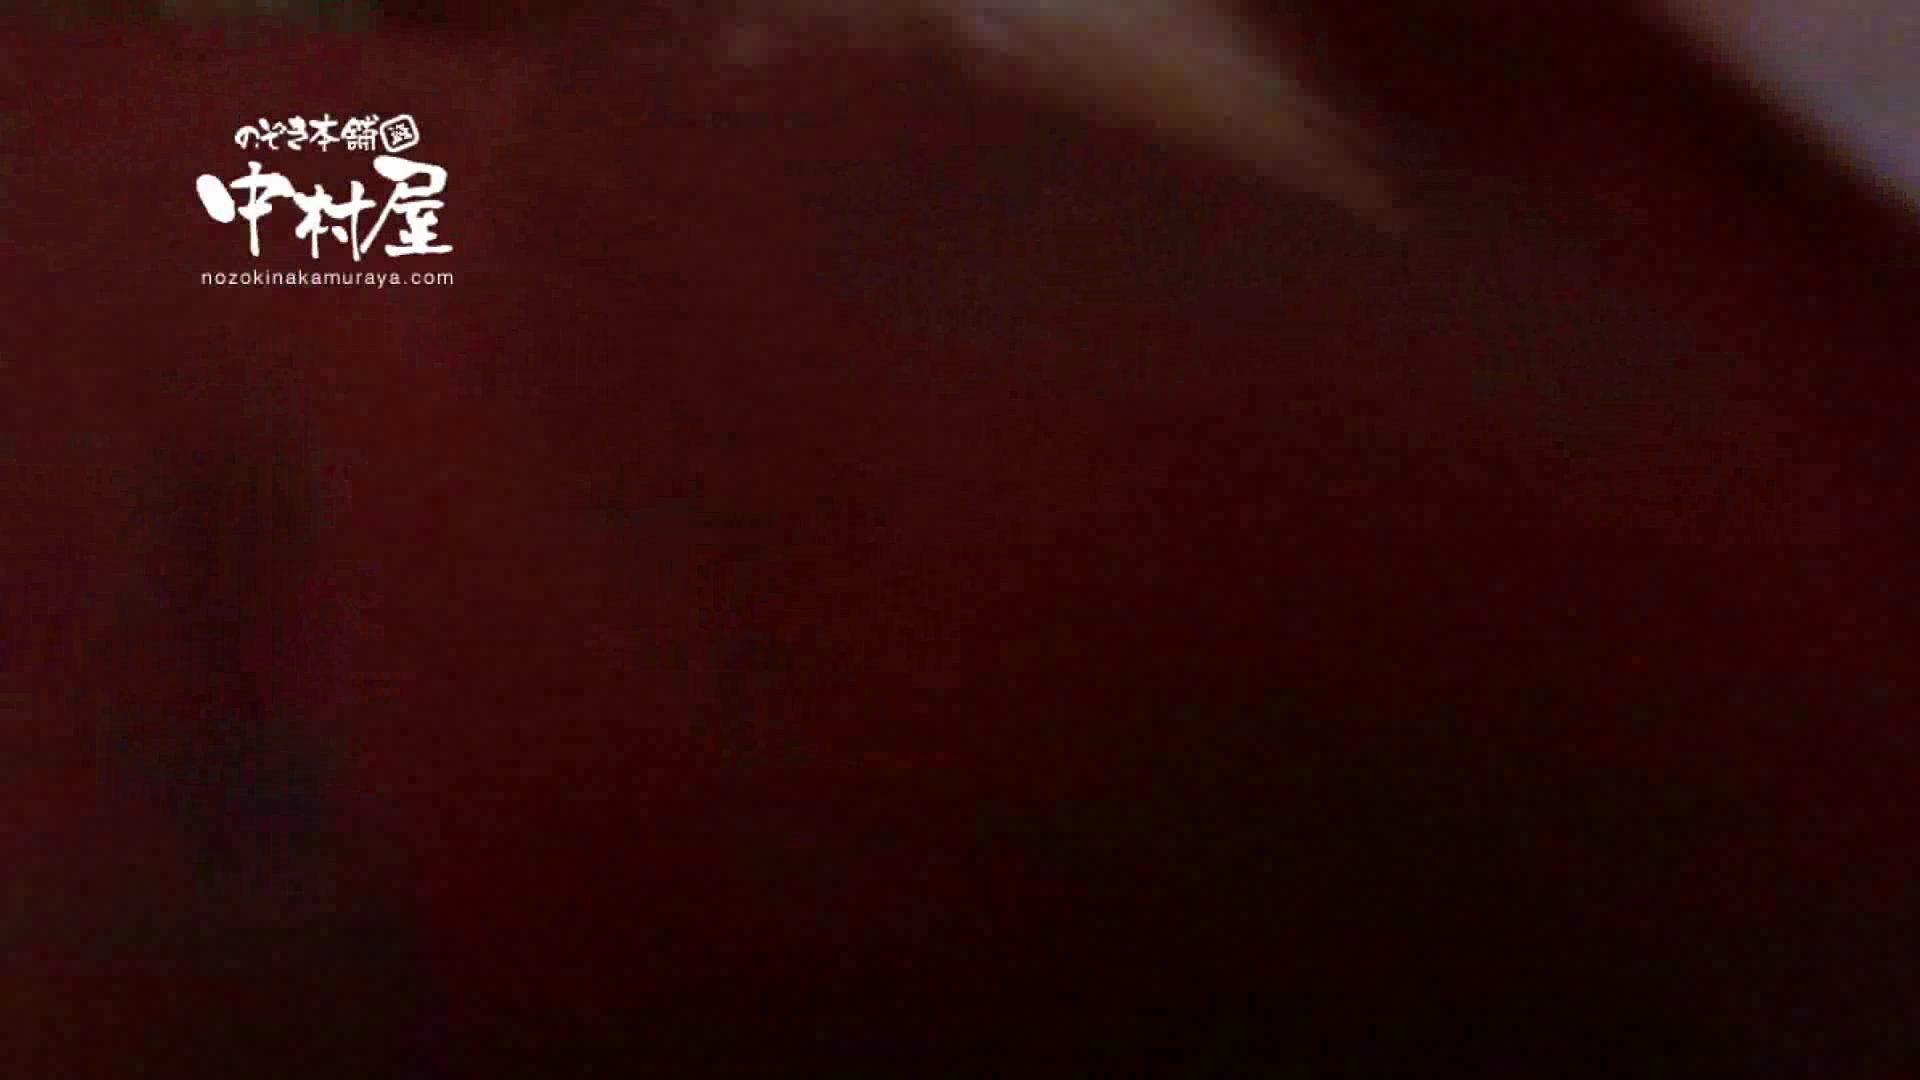 鬼畜 vol.13 もうなすがママ→結果クリームパイ 前編 鬼畜 | OLのエロ生活  56連発 15